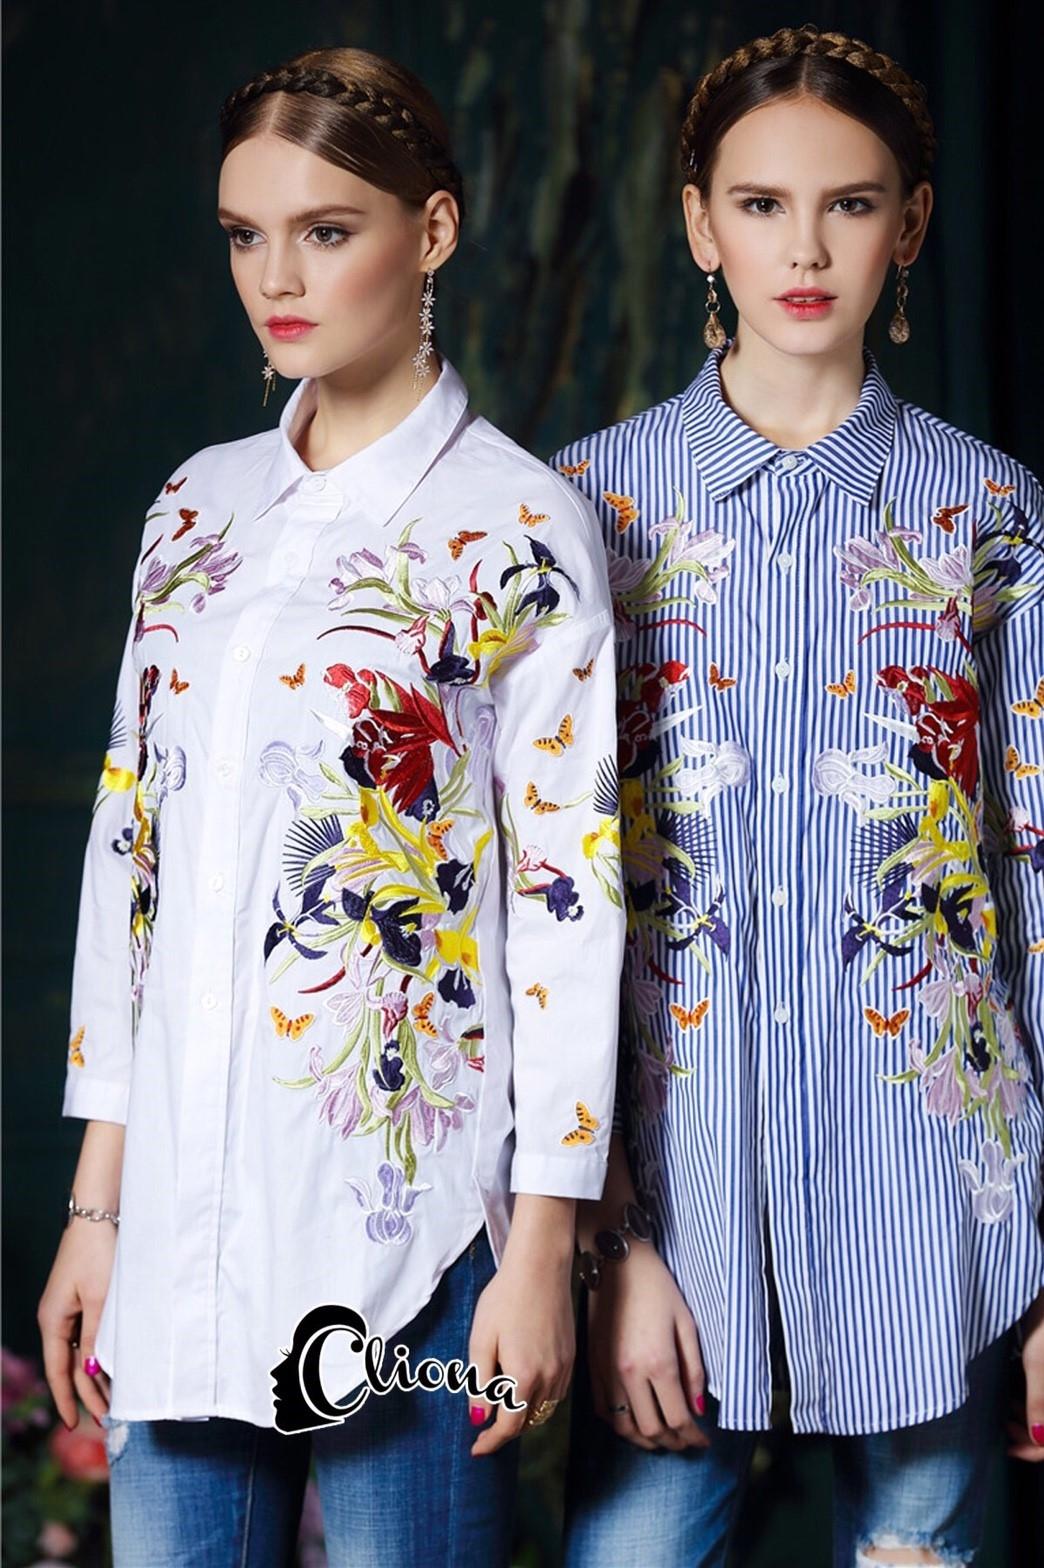 เสื้อผ้าแฟชั่น พร้อมส่งเสื้อเชิ้ตงานปักสีสดใสมีมาสองสีให้เลือก ขาวกับริ้วฟ้า